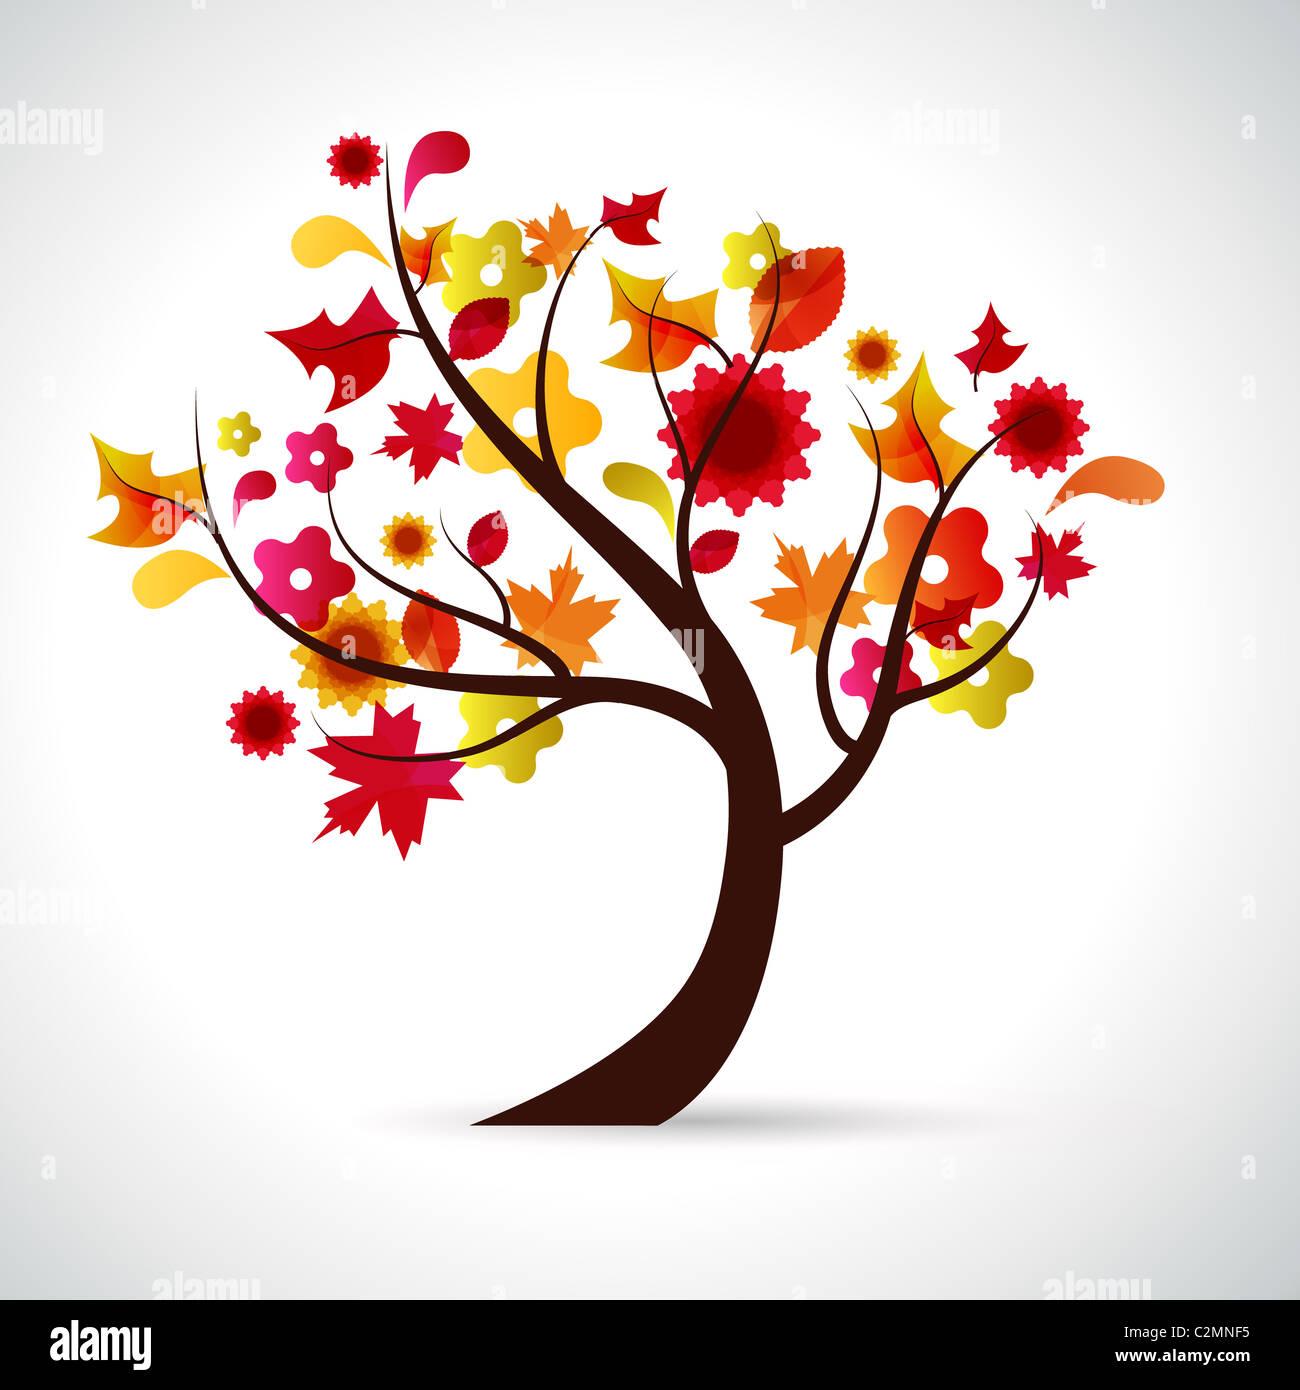 Illustrazione astratta di un albero da sfondo per la stagione di autunno Immagini Stock